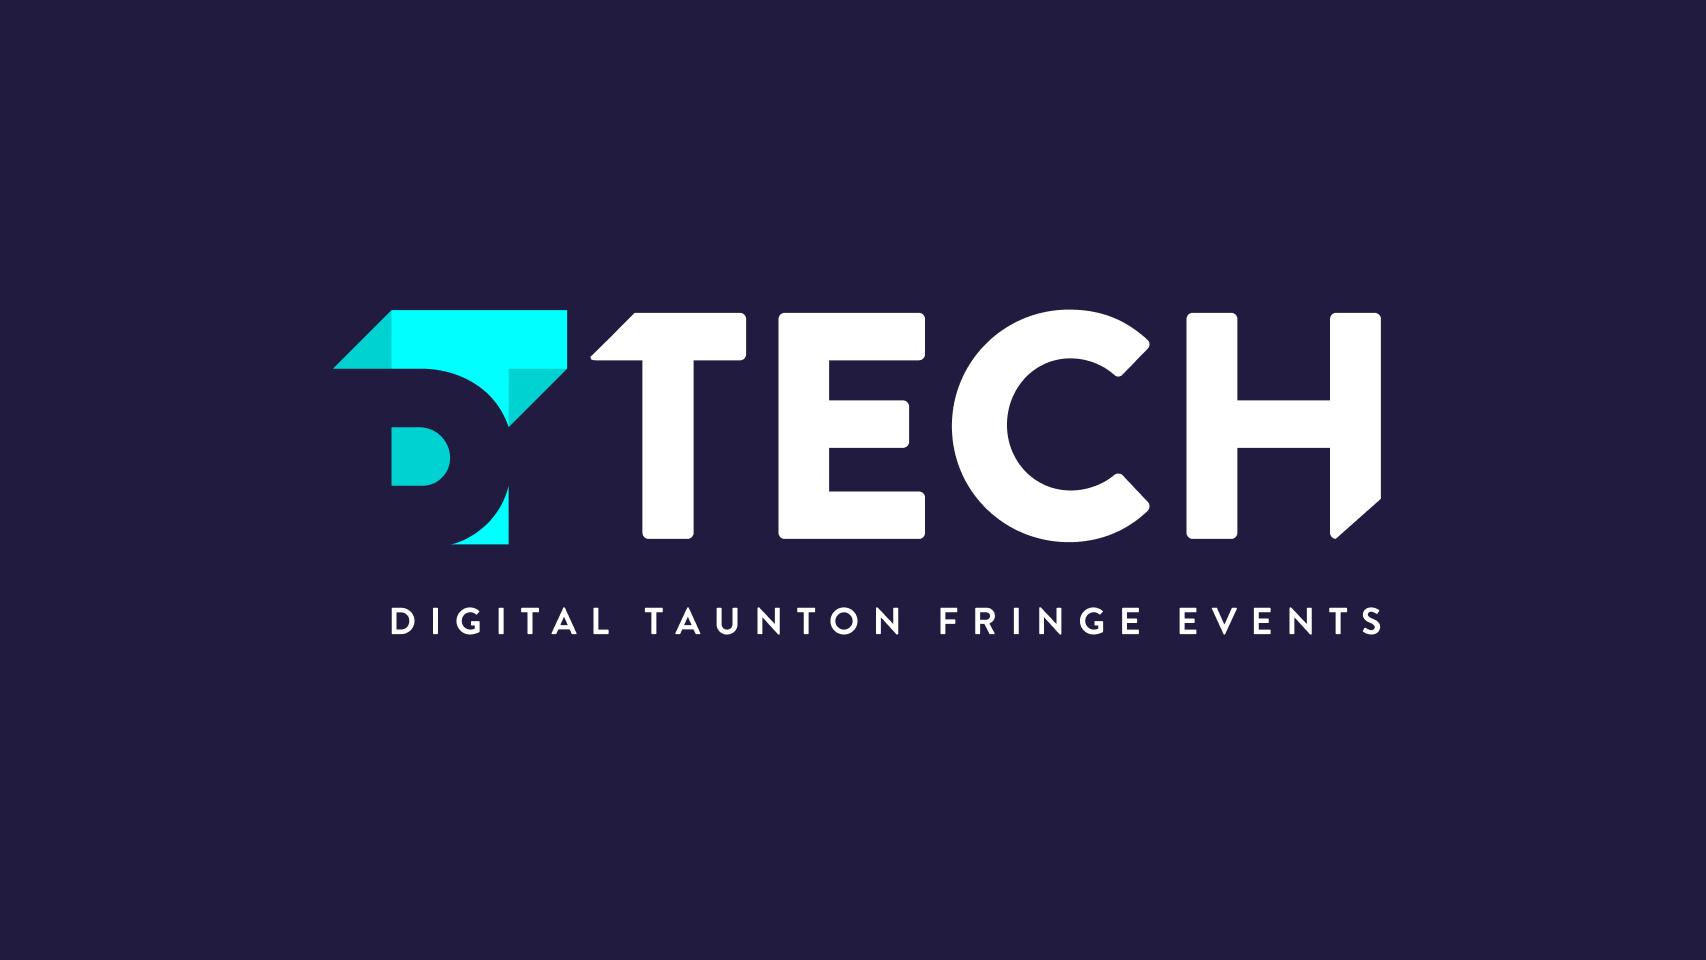 DT Tech